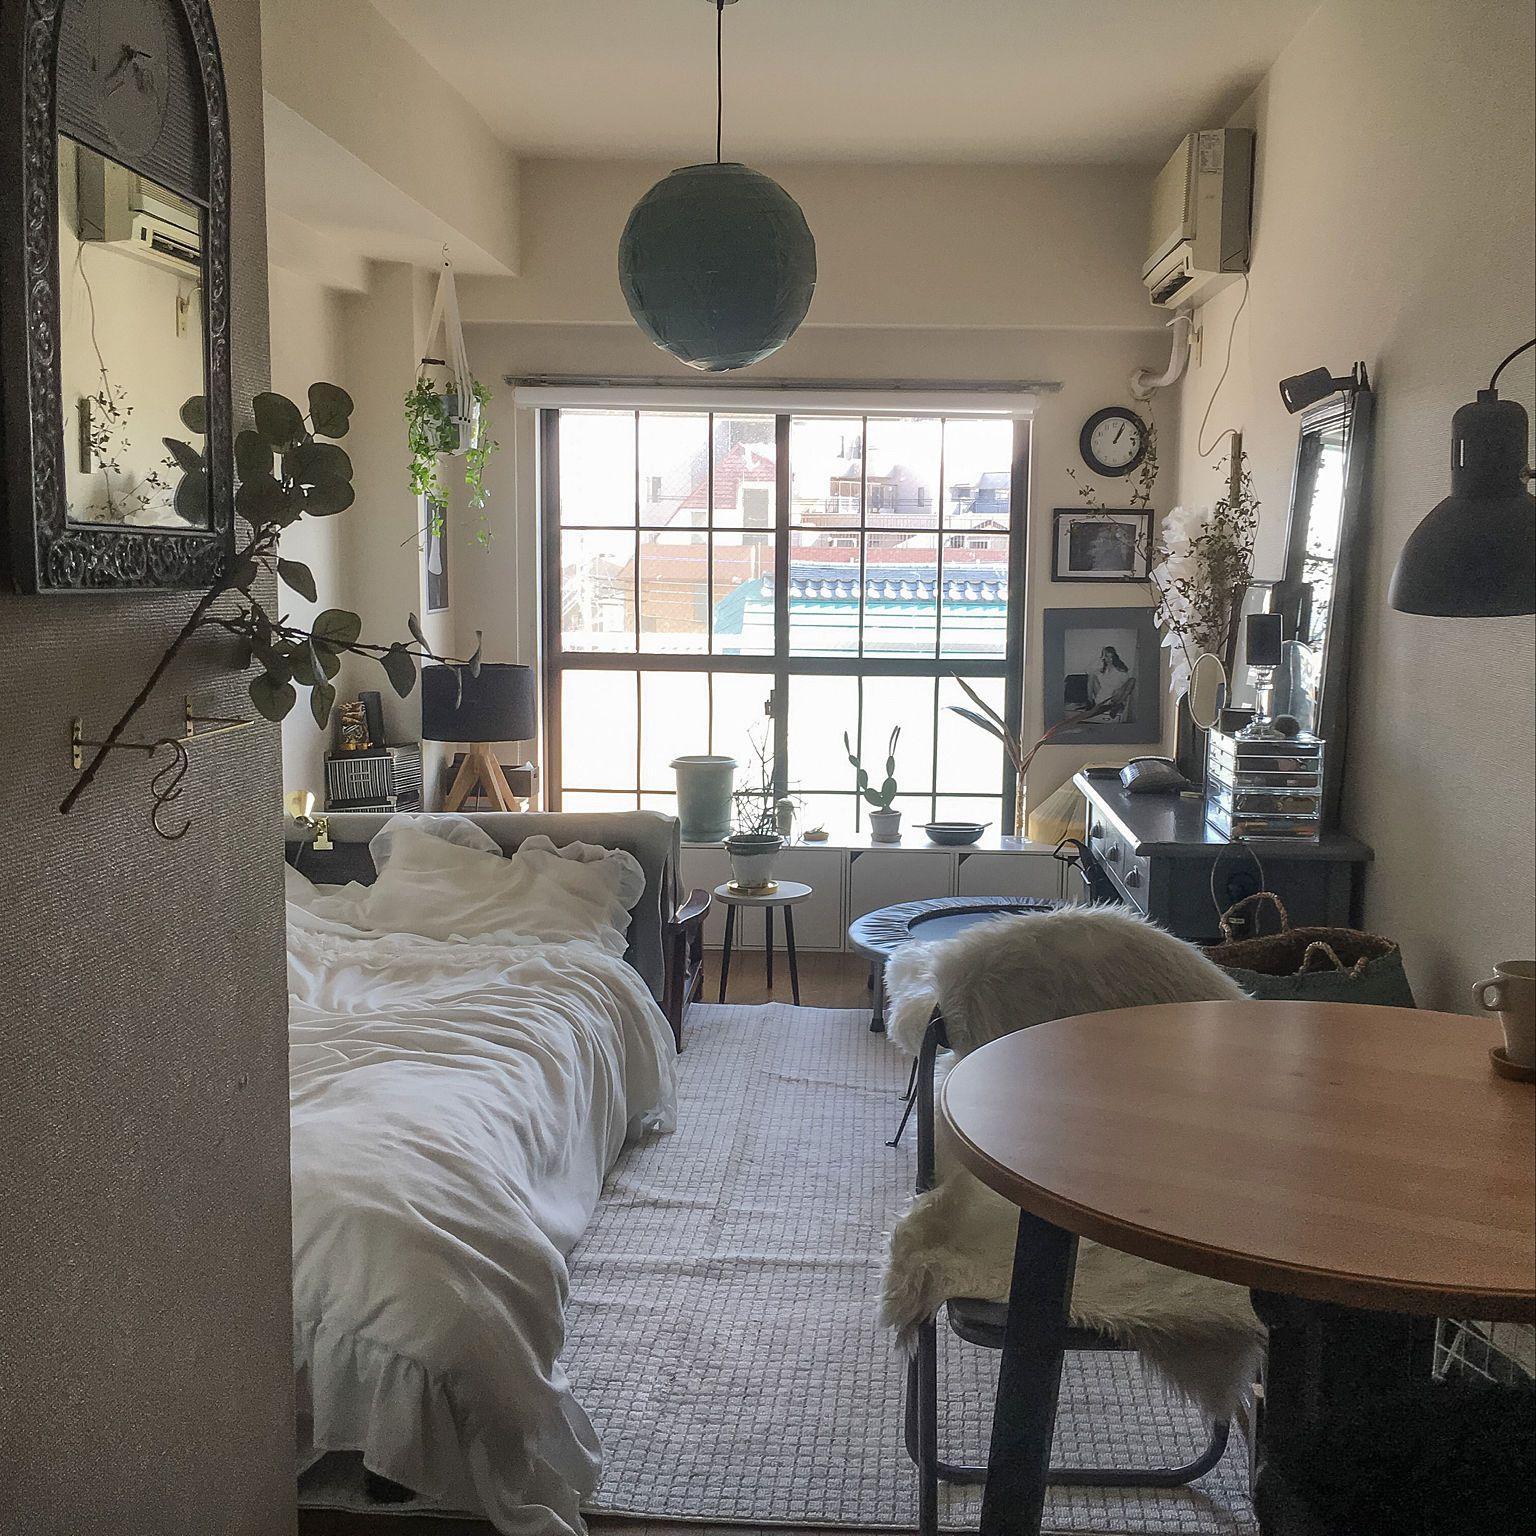 Click Pic For 40 Small Apartment Ideas: ミックススタイル/マンション/ドレッサー/一人暮らし/海外インテリアに憧れる/縦長の部屋…などのインテリア実例